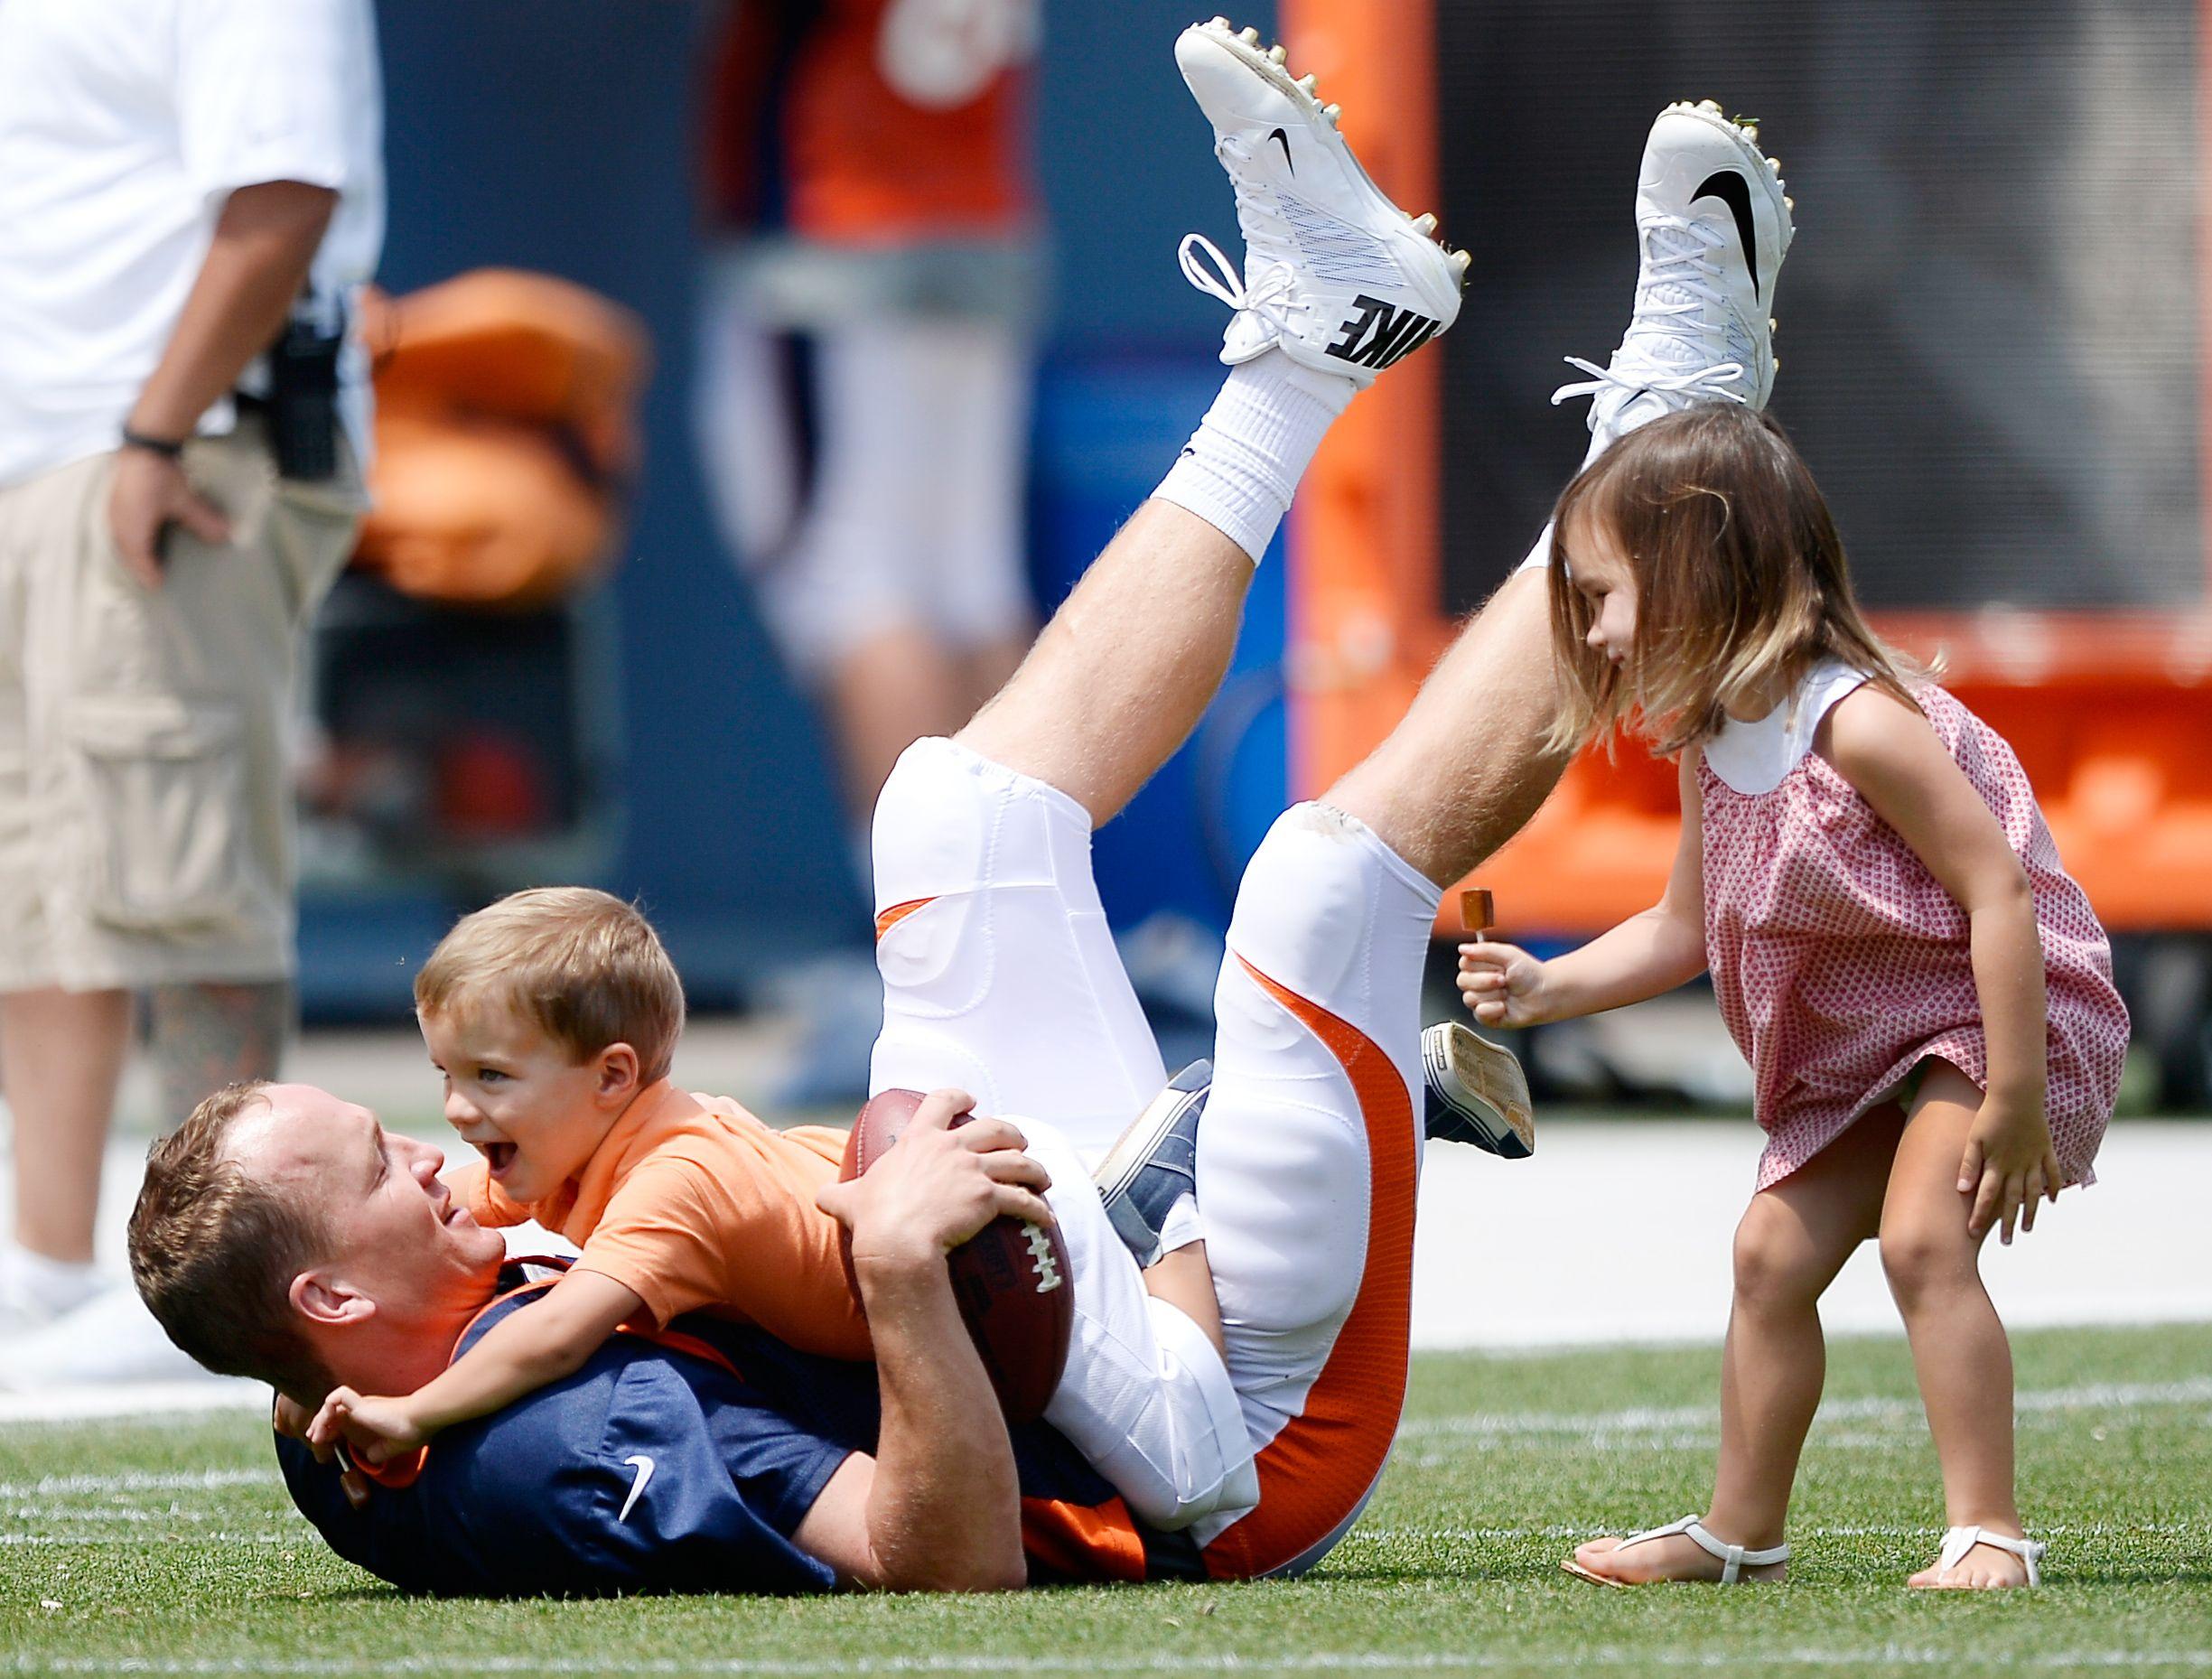 Marshawn Lynch Daughter >> Peyton Manning - Peyton Manning's life, career in photos